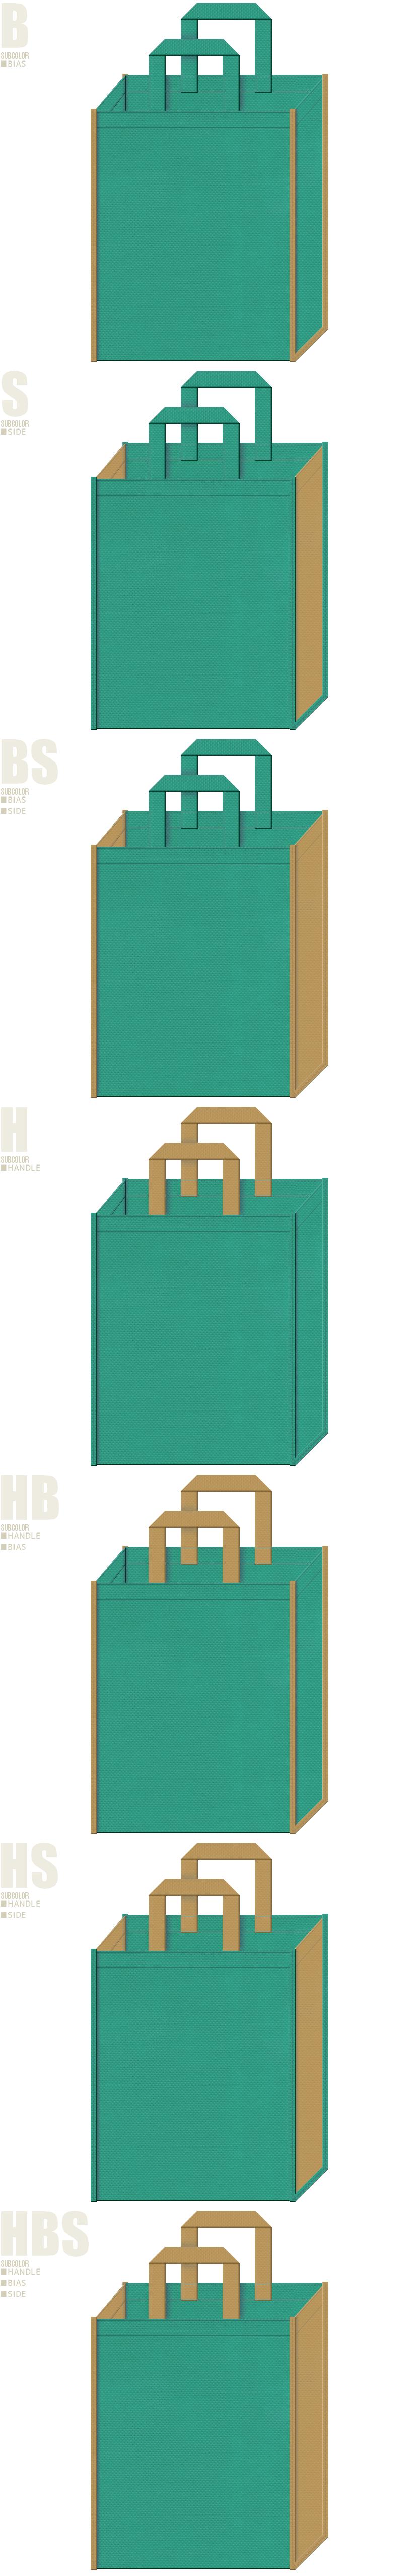 牧場・酪農・農業・肥料・種苗・産直市場・園芸用品・DIYの展示会用バッグにお奨めの不織布バッグデザイン:青緑色と金黄土色の配色7パターン